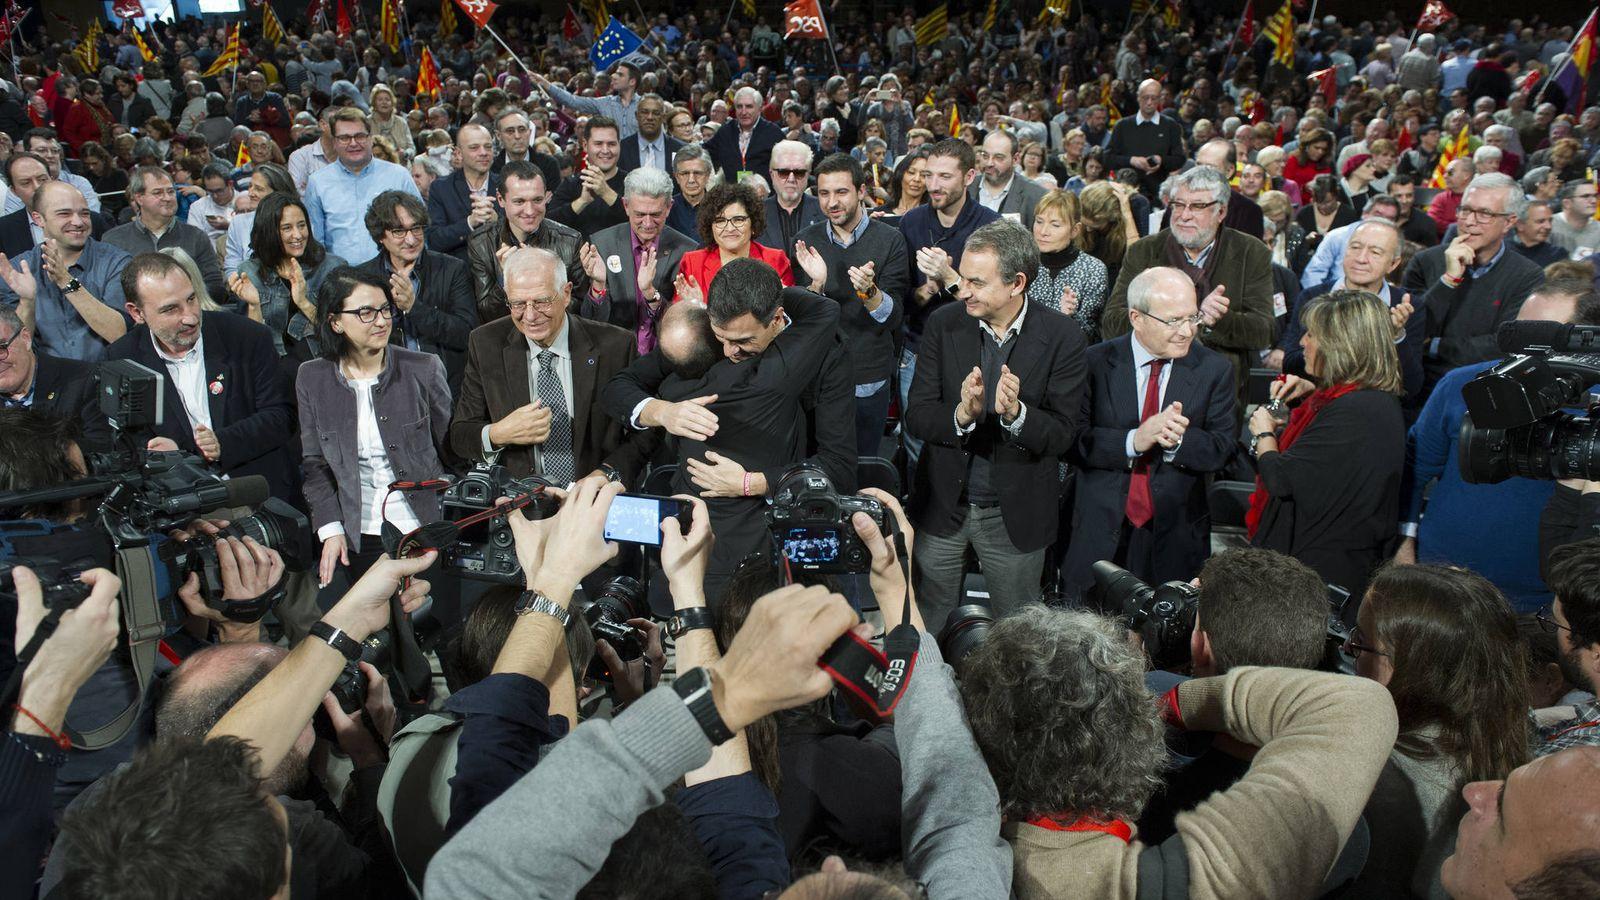 Foto: Pedro Sánchez abraza a Miquel Iceta, ante Zapatero, Josep Borrell y otros dirigentes en el acto central de campaña del PSC, el pasado domingo en Barcelona. (Flickr | Borja Puig)